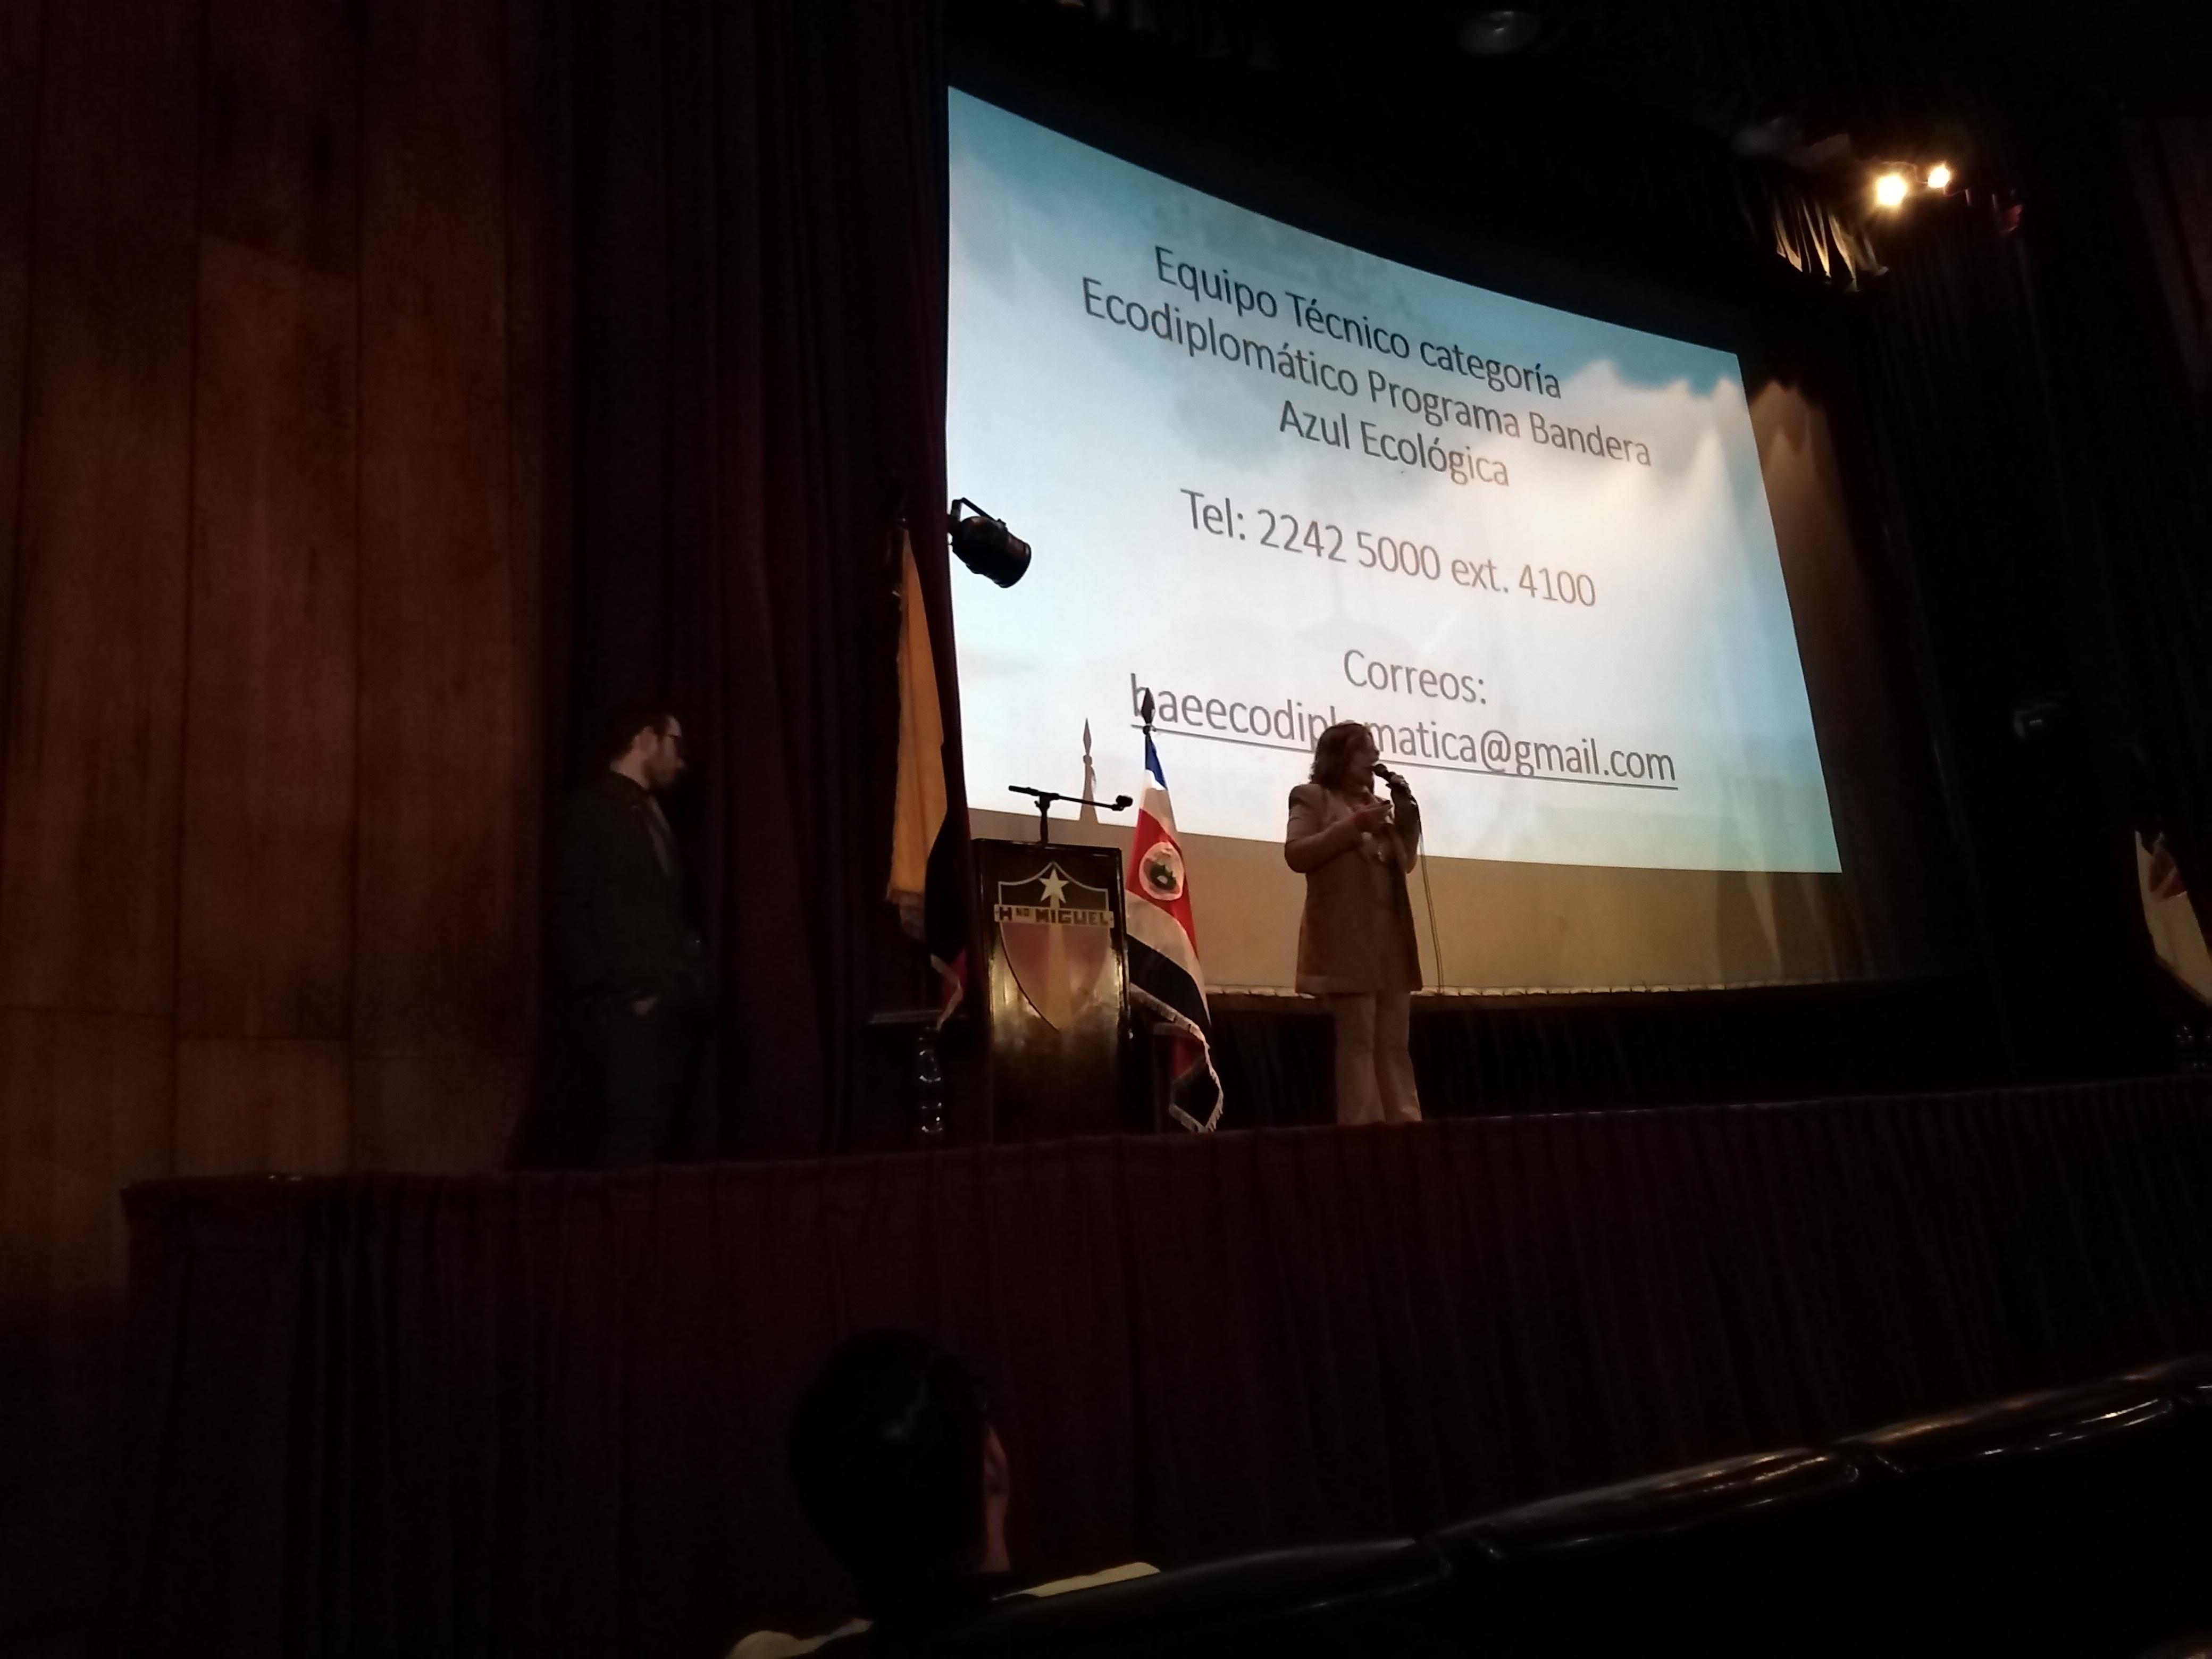 Embajadora de Costa Rica socializando Bandera Azul